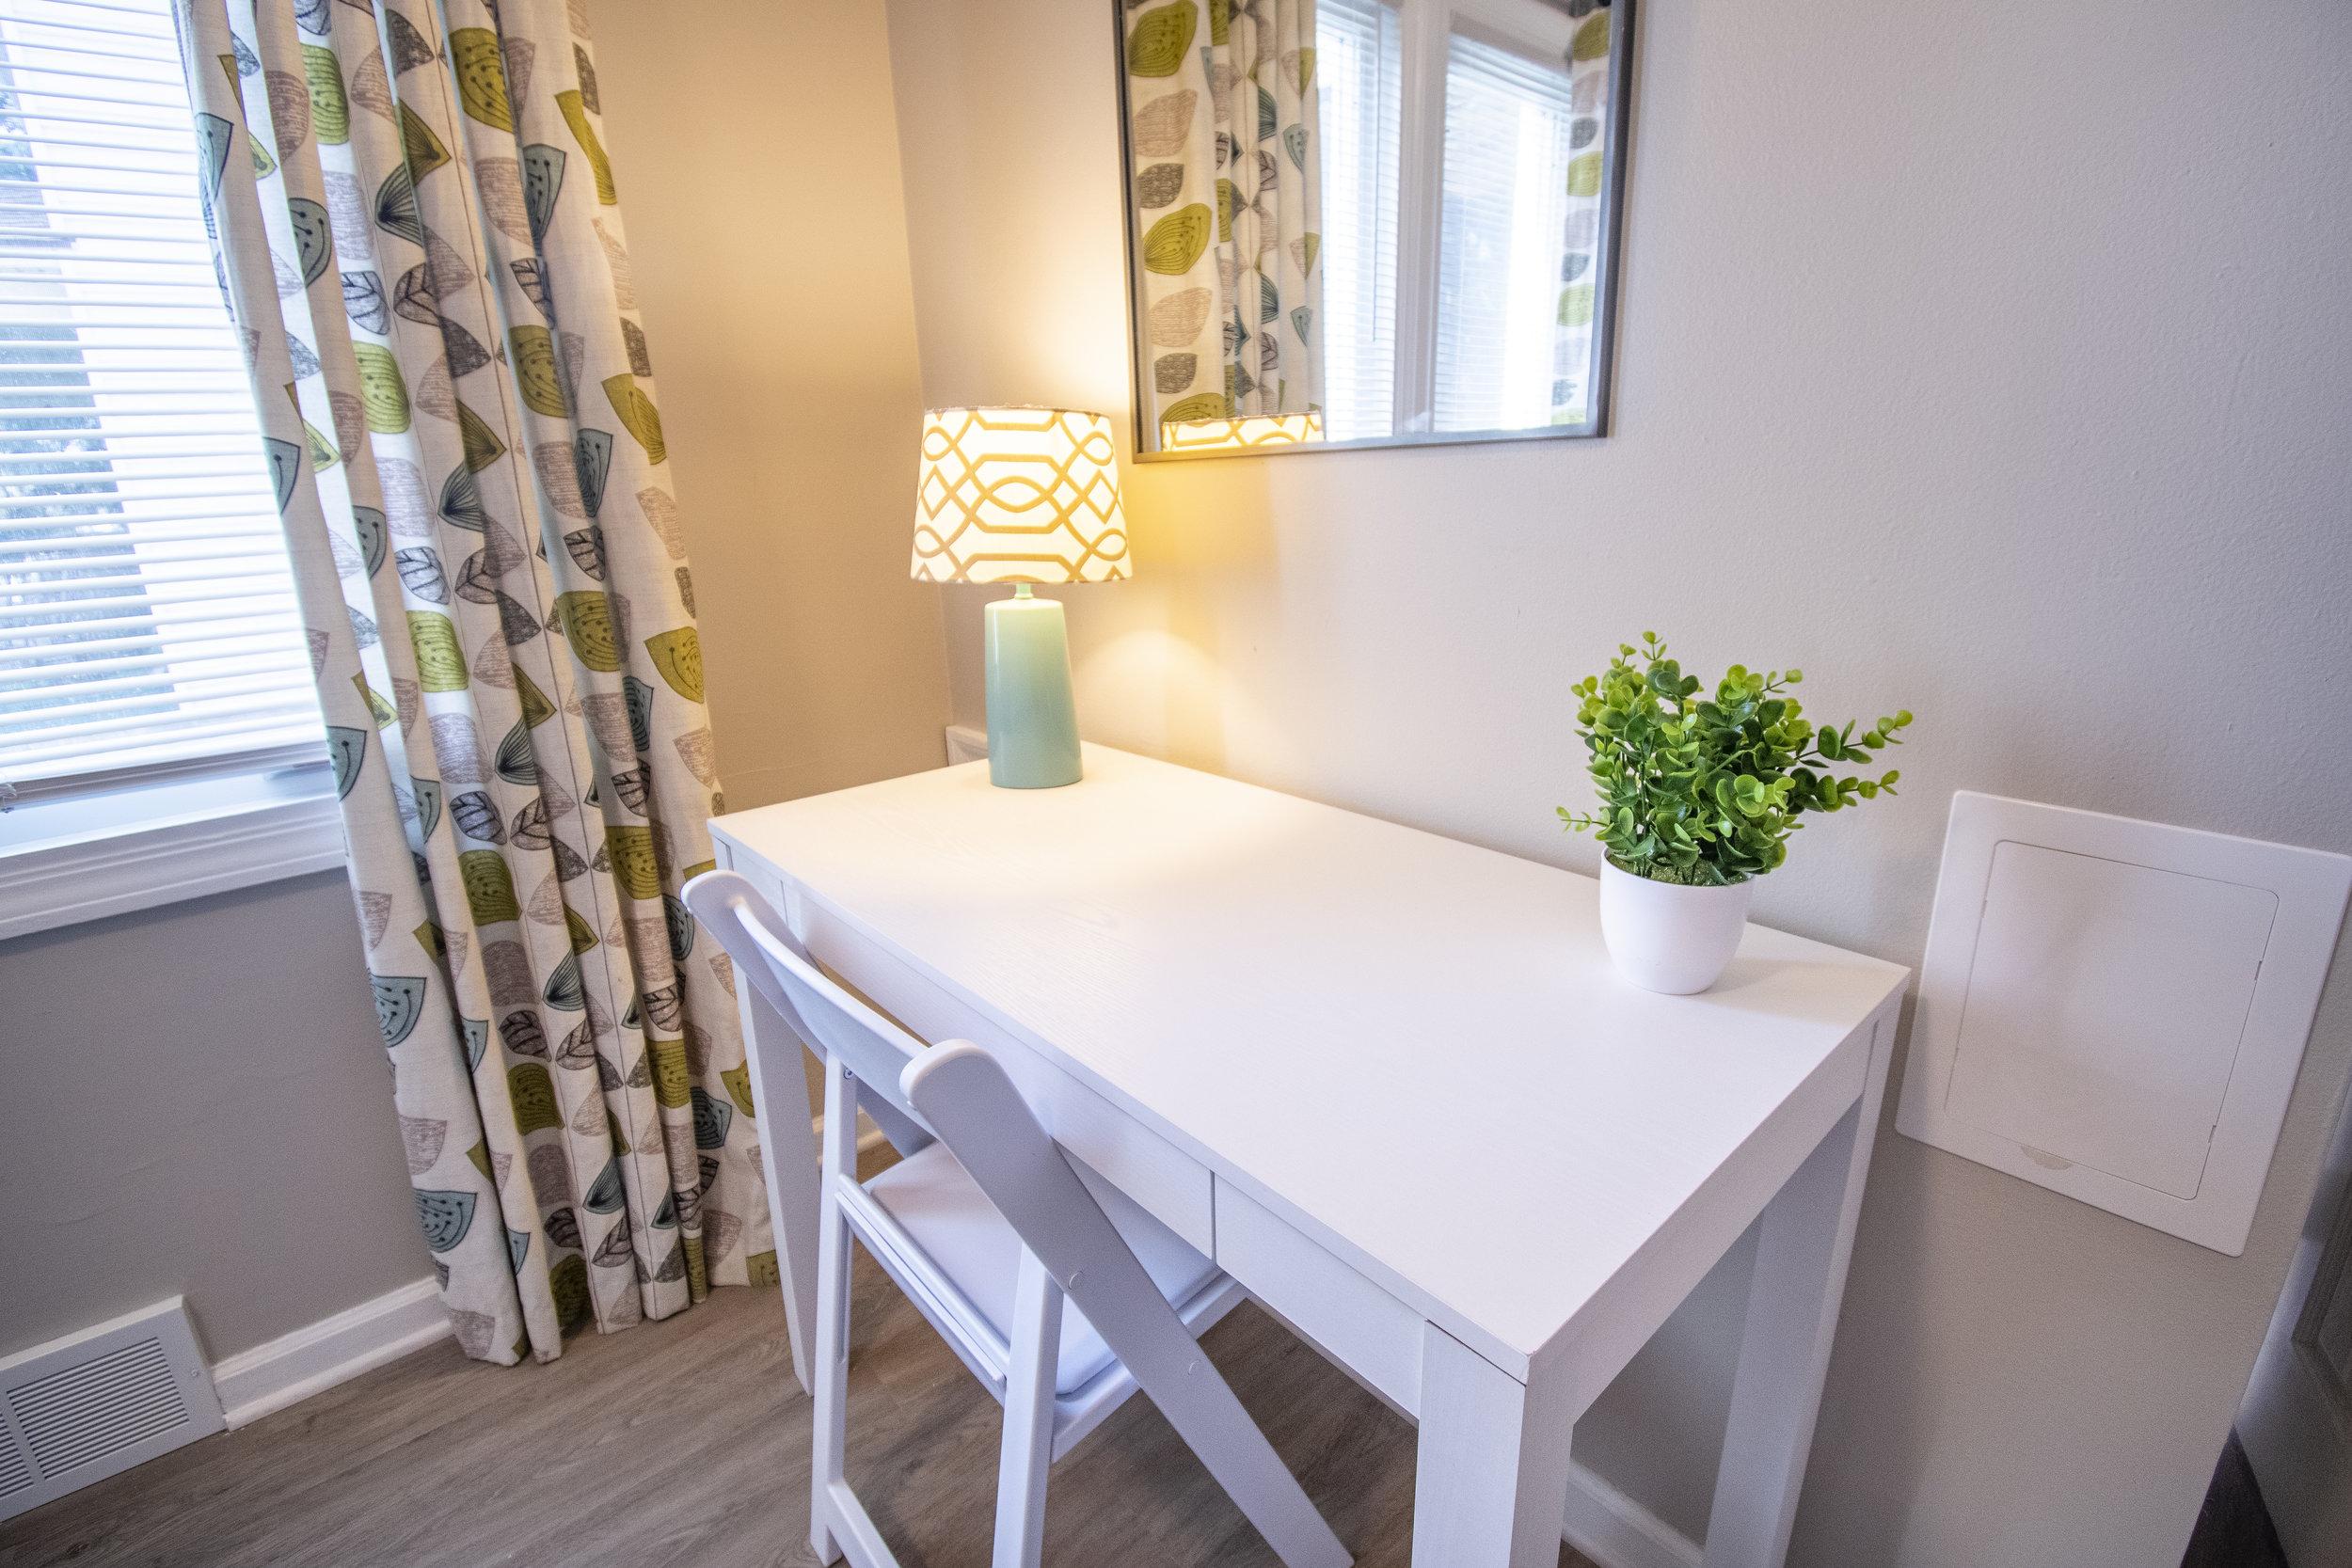 Optional desk/vanity for guests.